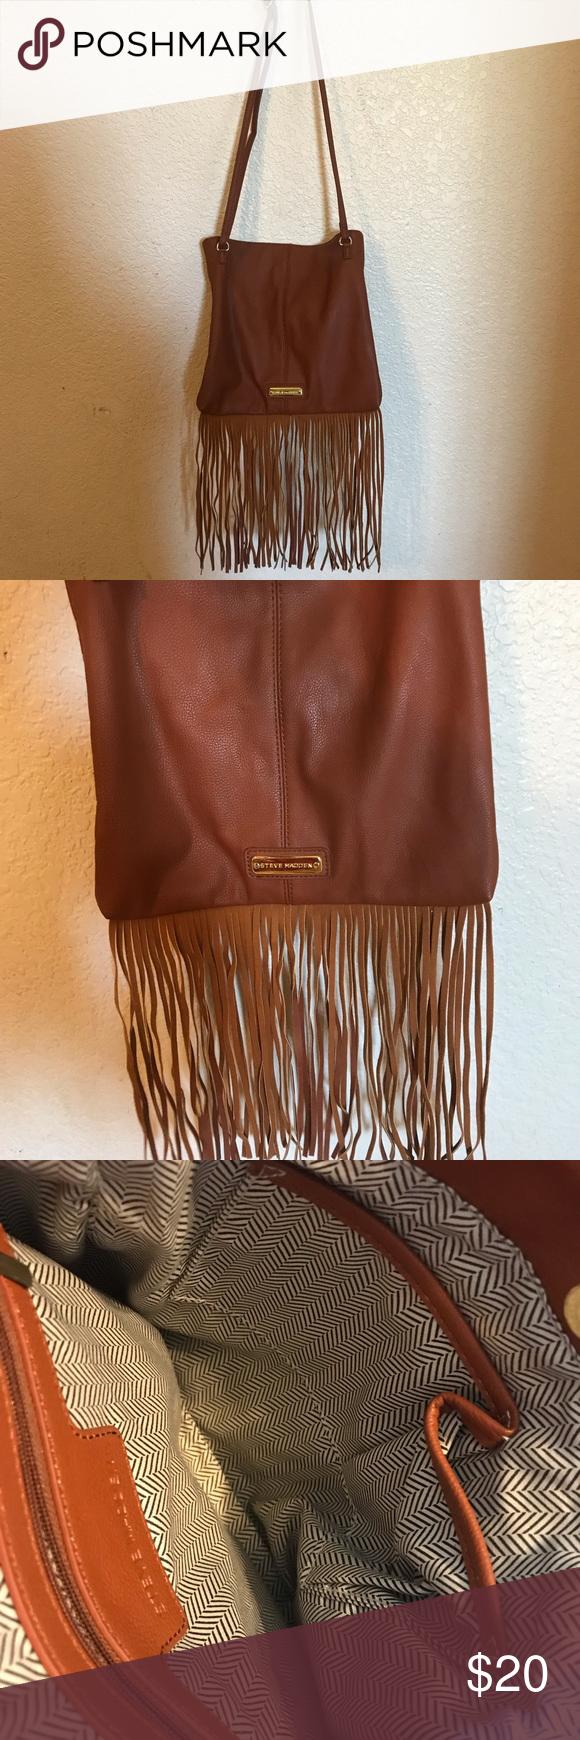 Estrecho de Bering longitud demostración  Steve Madden Adjustable handbag, never worn 🍂 Steve Madden Bags Shoulder  Bags | Steve madden, Steve madden bags, Women shopping